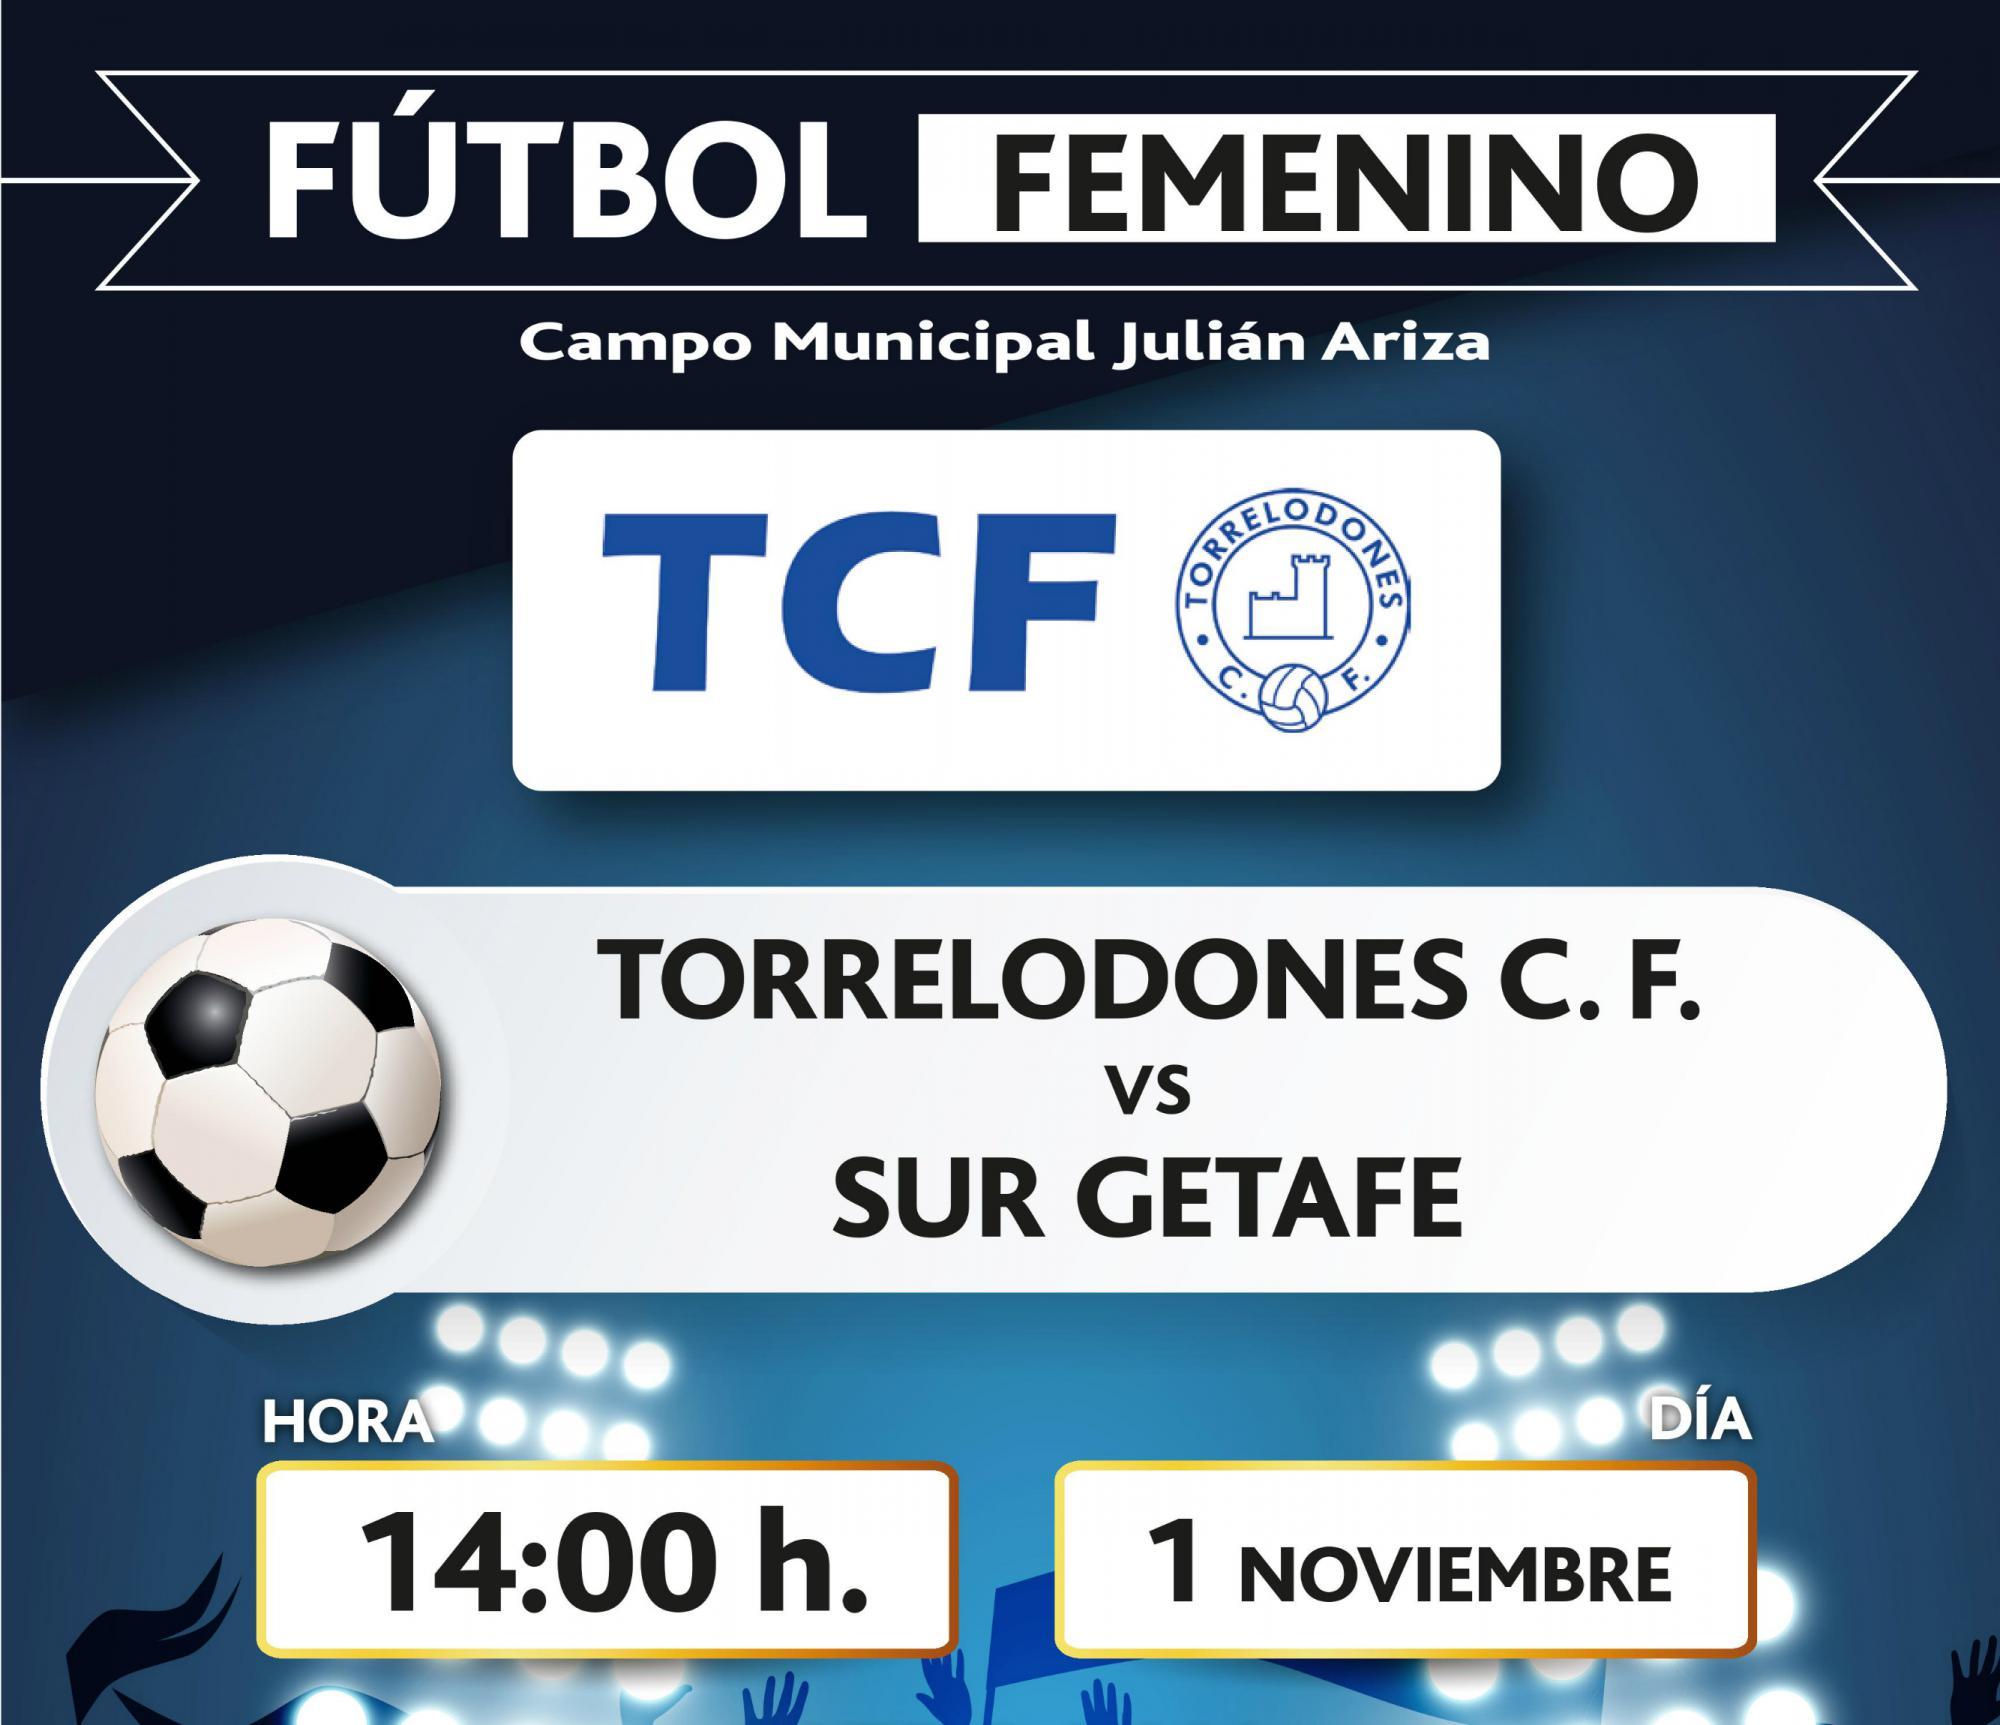 Los equipos femenino y masculino de futbol de Torrelodones, juegan este fin de semana